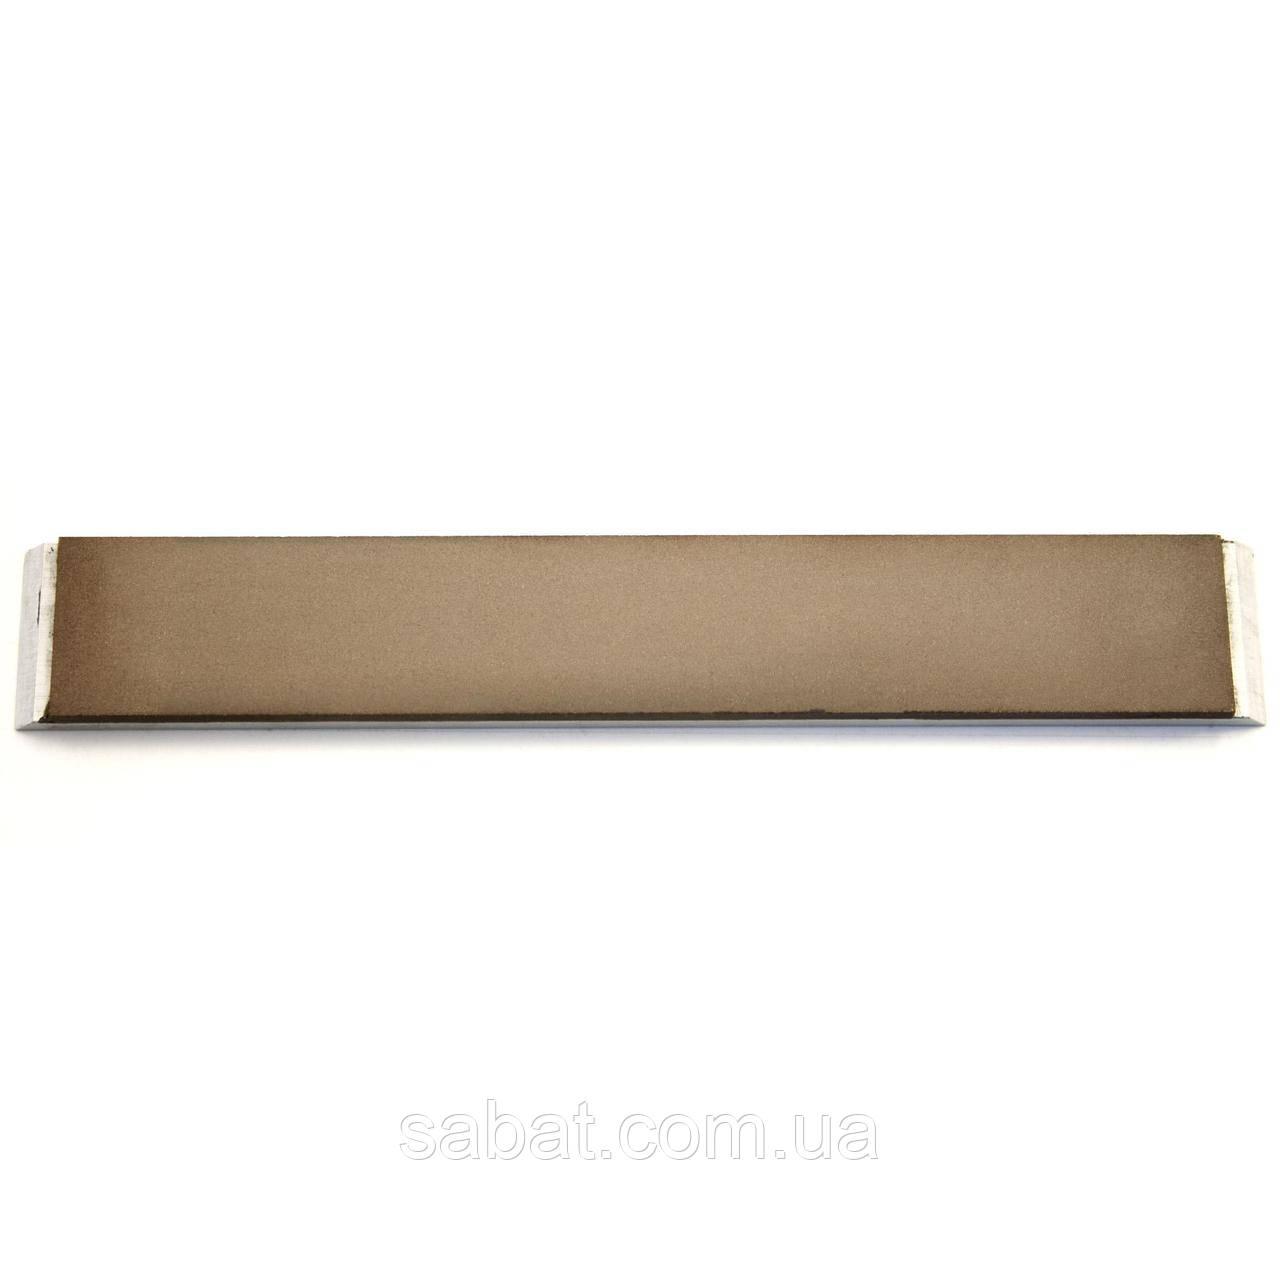 Брусок эльборовый хонинговальный 150х25Х3